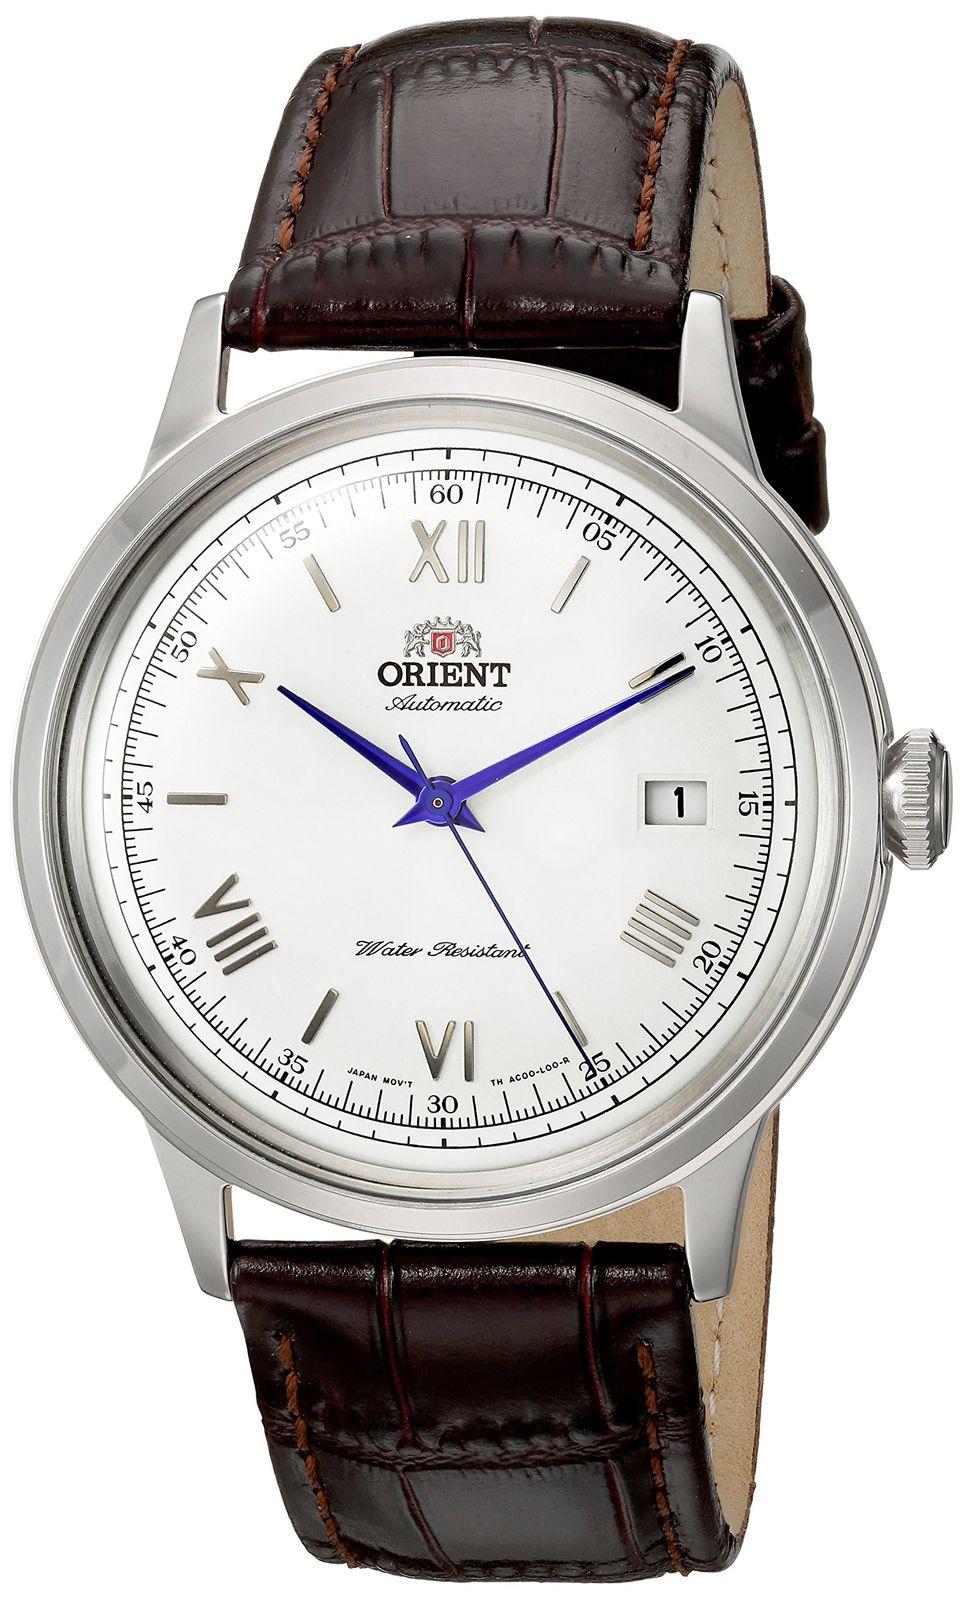 นาฬิกาผู้ชาย Orient รุ่น FAC00009W0, 2nd Generation Bambino Version 2 Automatic